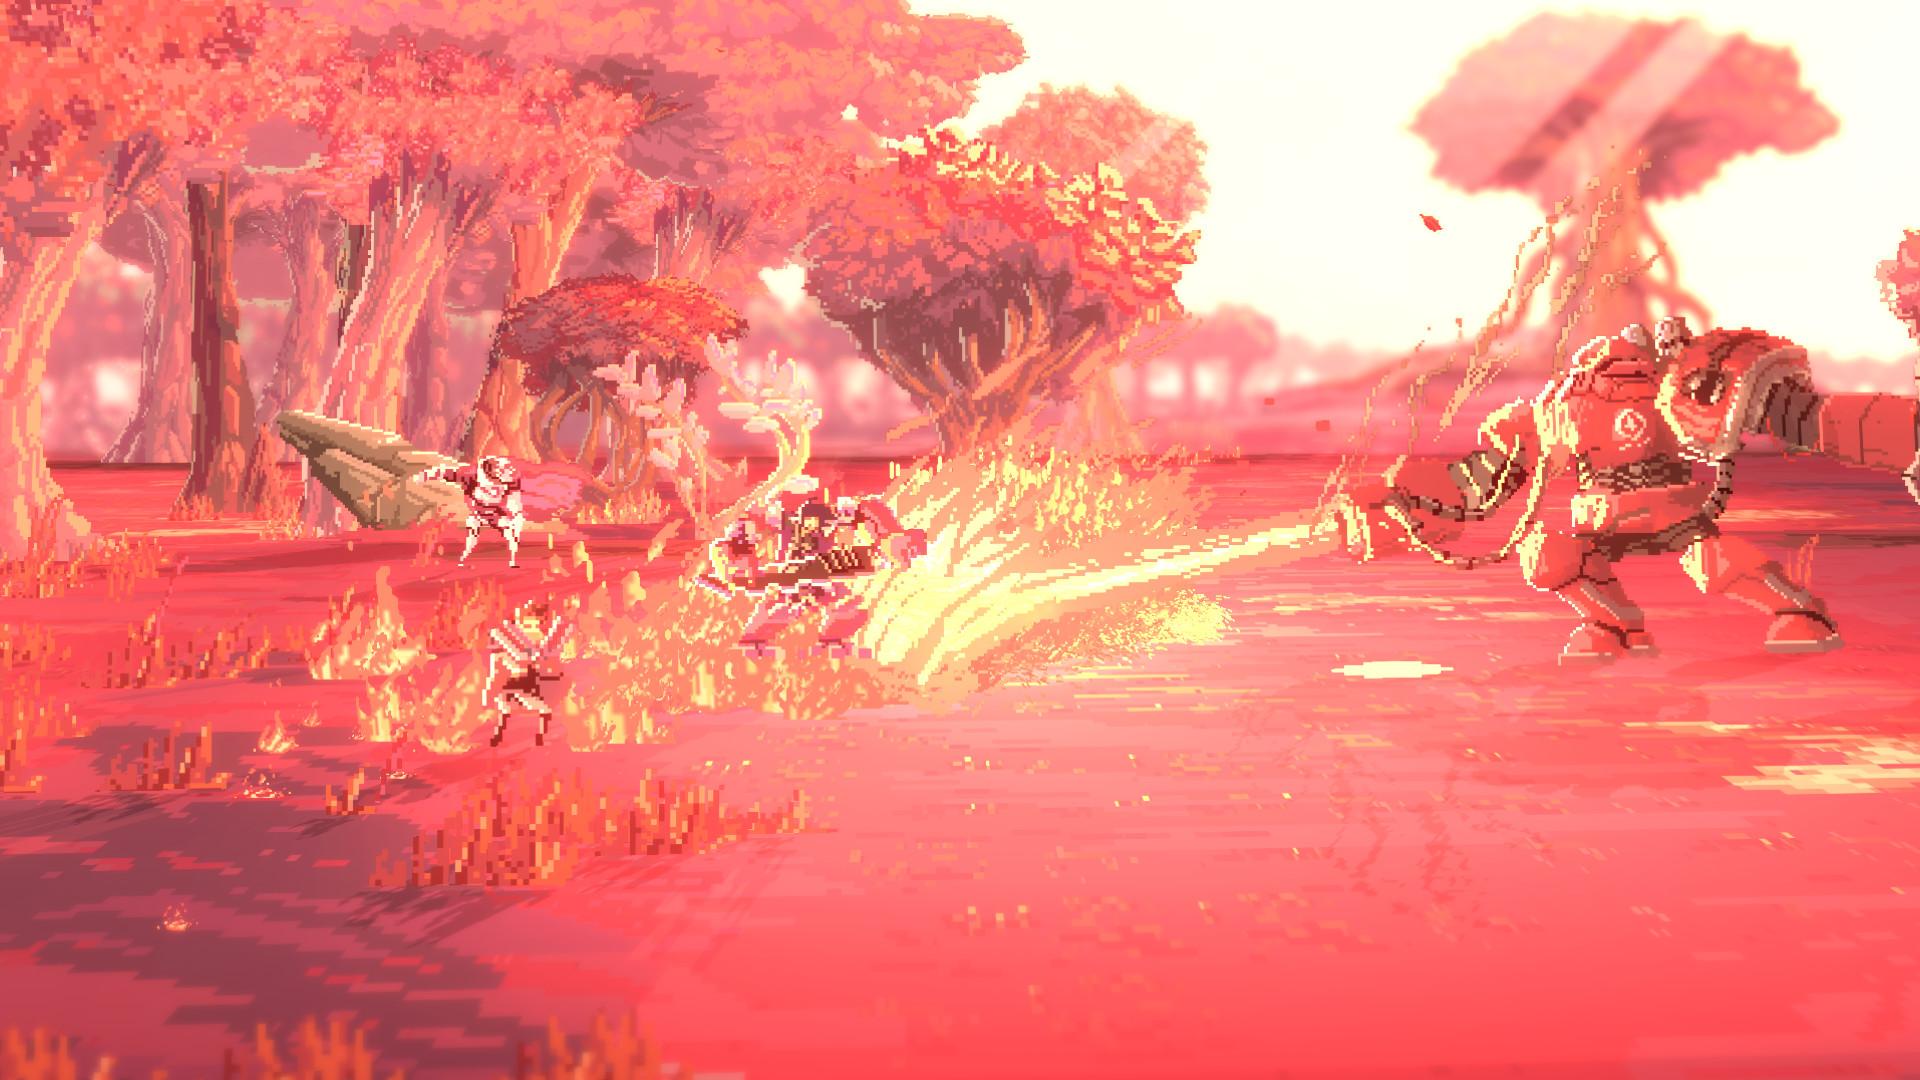 《星际叛乱者》将于明年2月25日登陆PS4及Switch